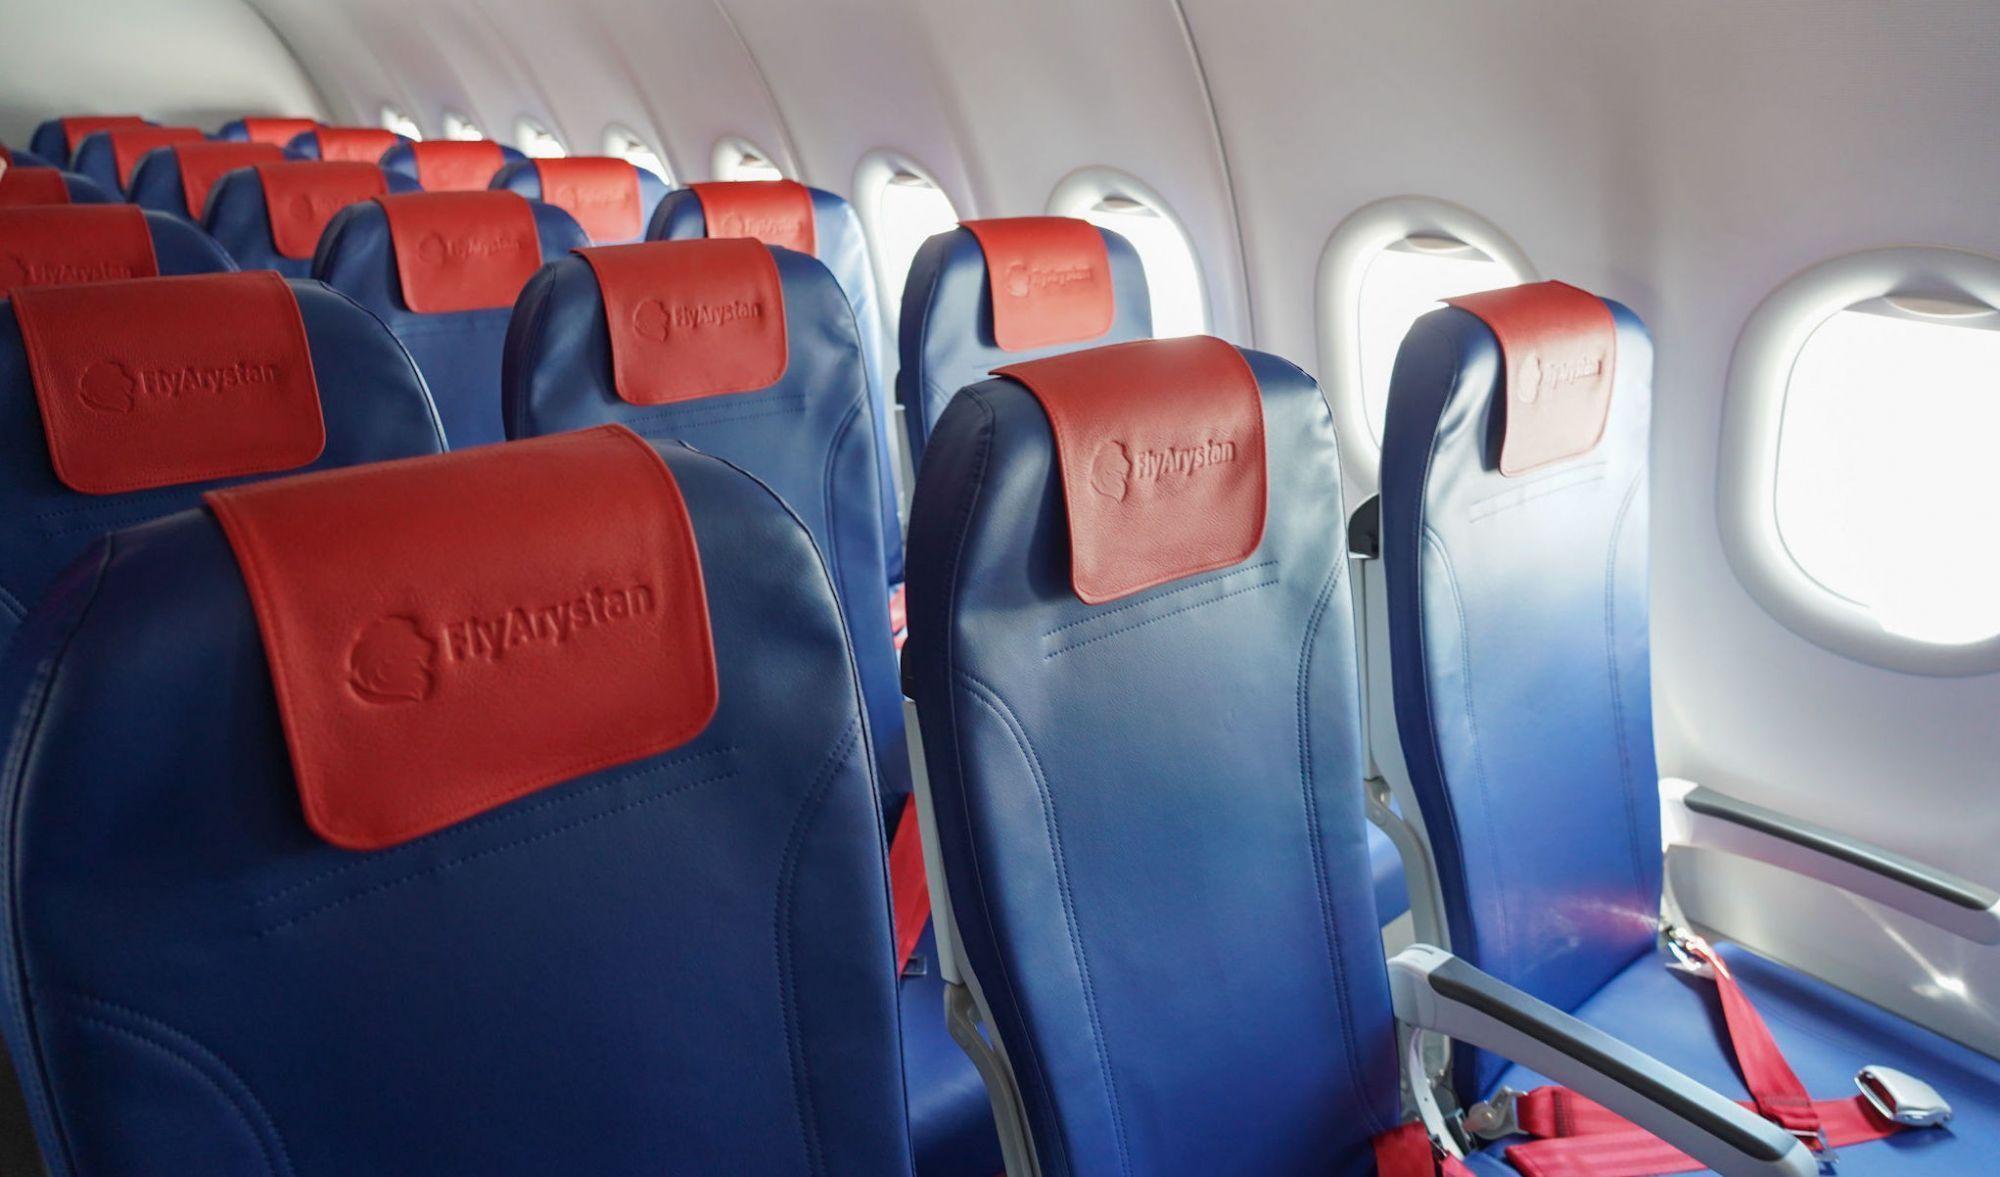 Казахстанка заявила, что авиакомпания нарушила права ее ребенка